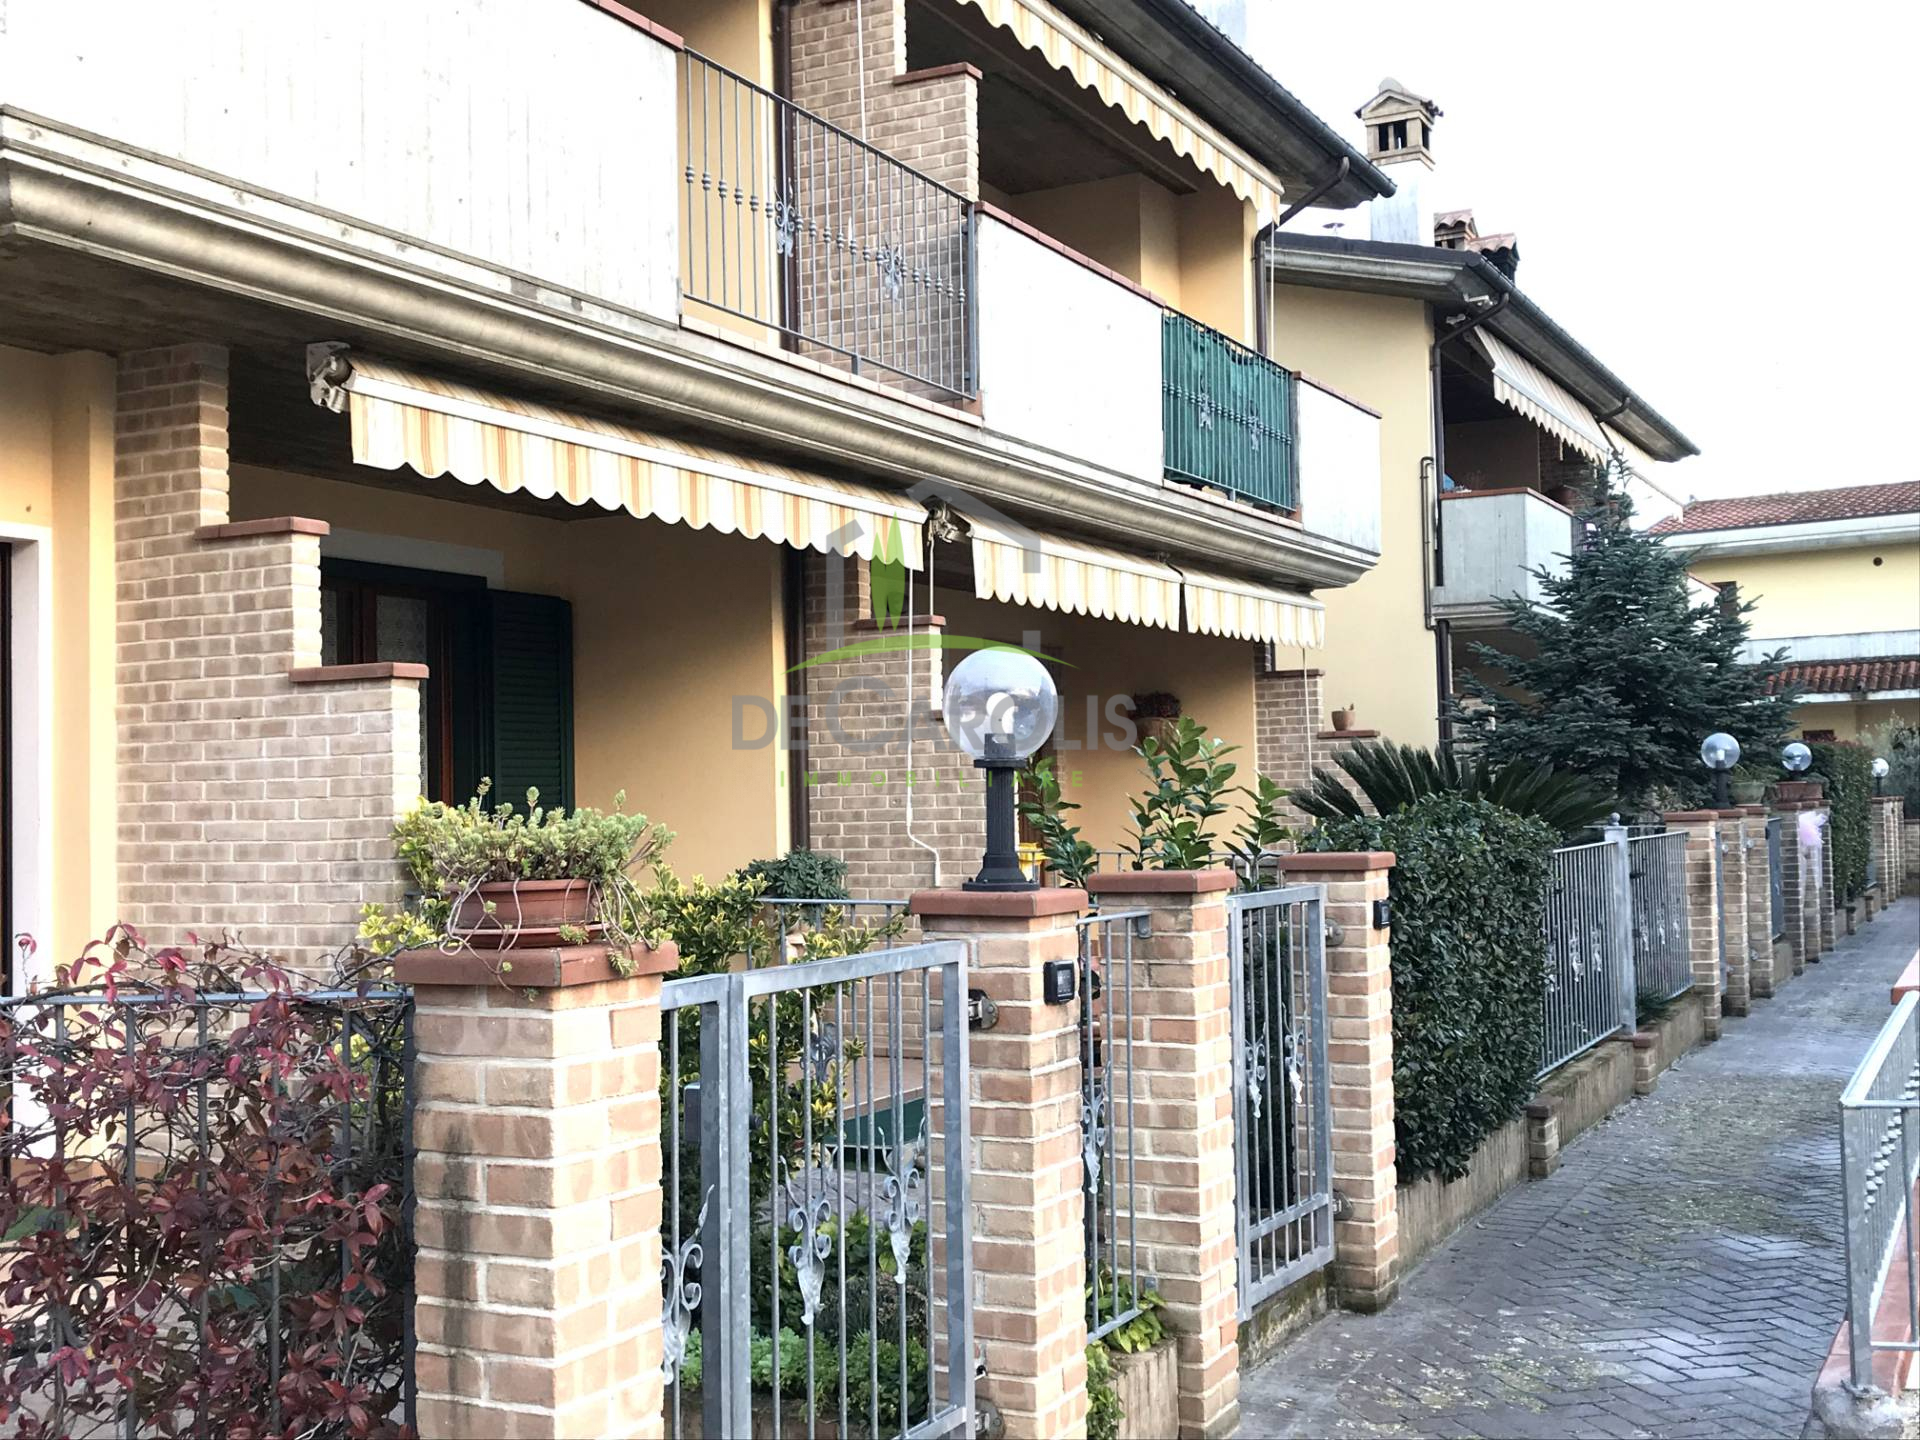 Appartamento in vendita a Folignano, 8 locali, zona Località: PianediMorro, prezzo € 165.000 | PortaleAgenzieImmobiliari.it